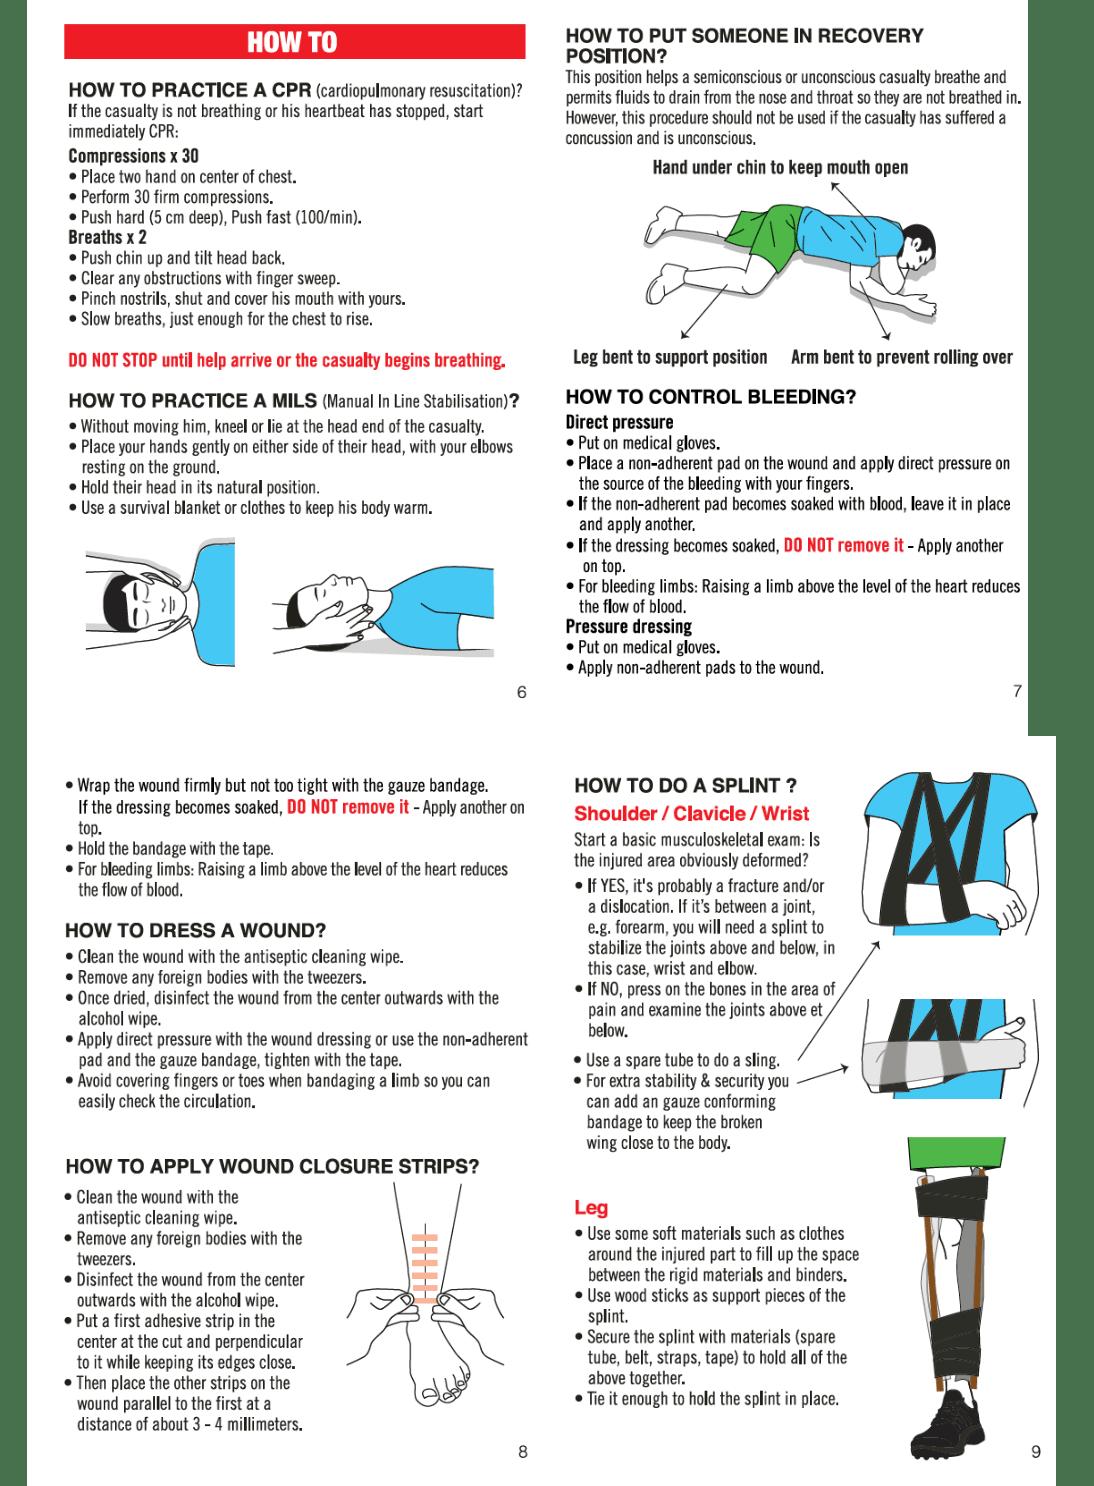 A primary care guide